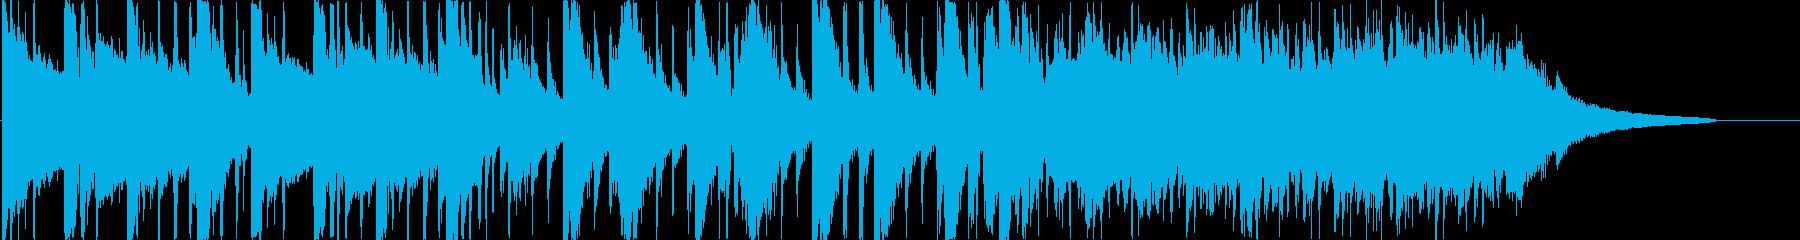 落ち着いた日常のシーンを想定した楽曲で…の再生済みの波形